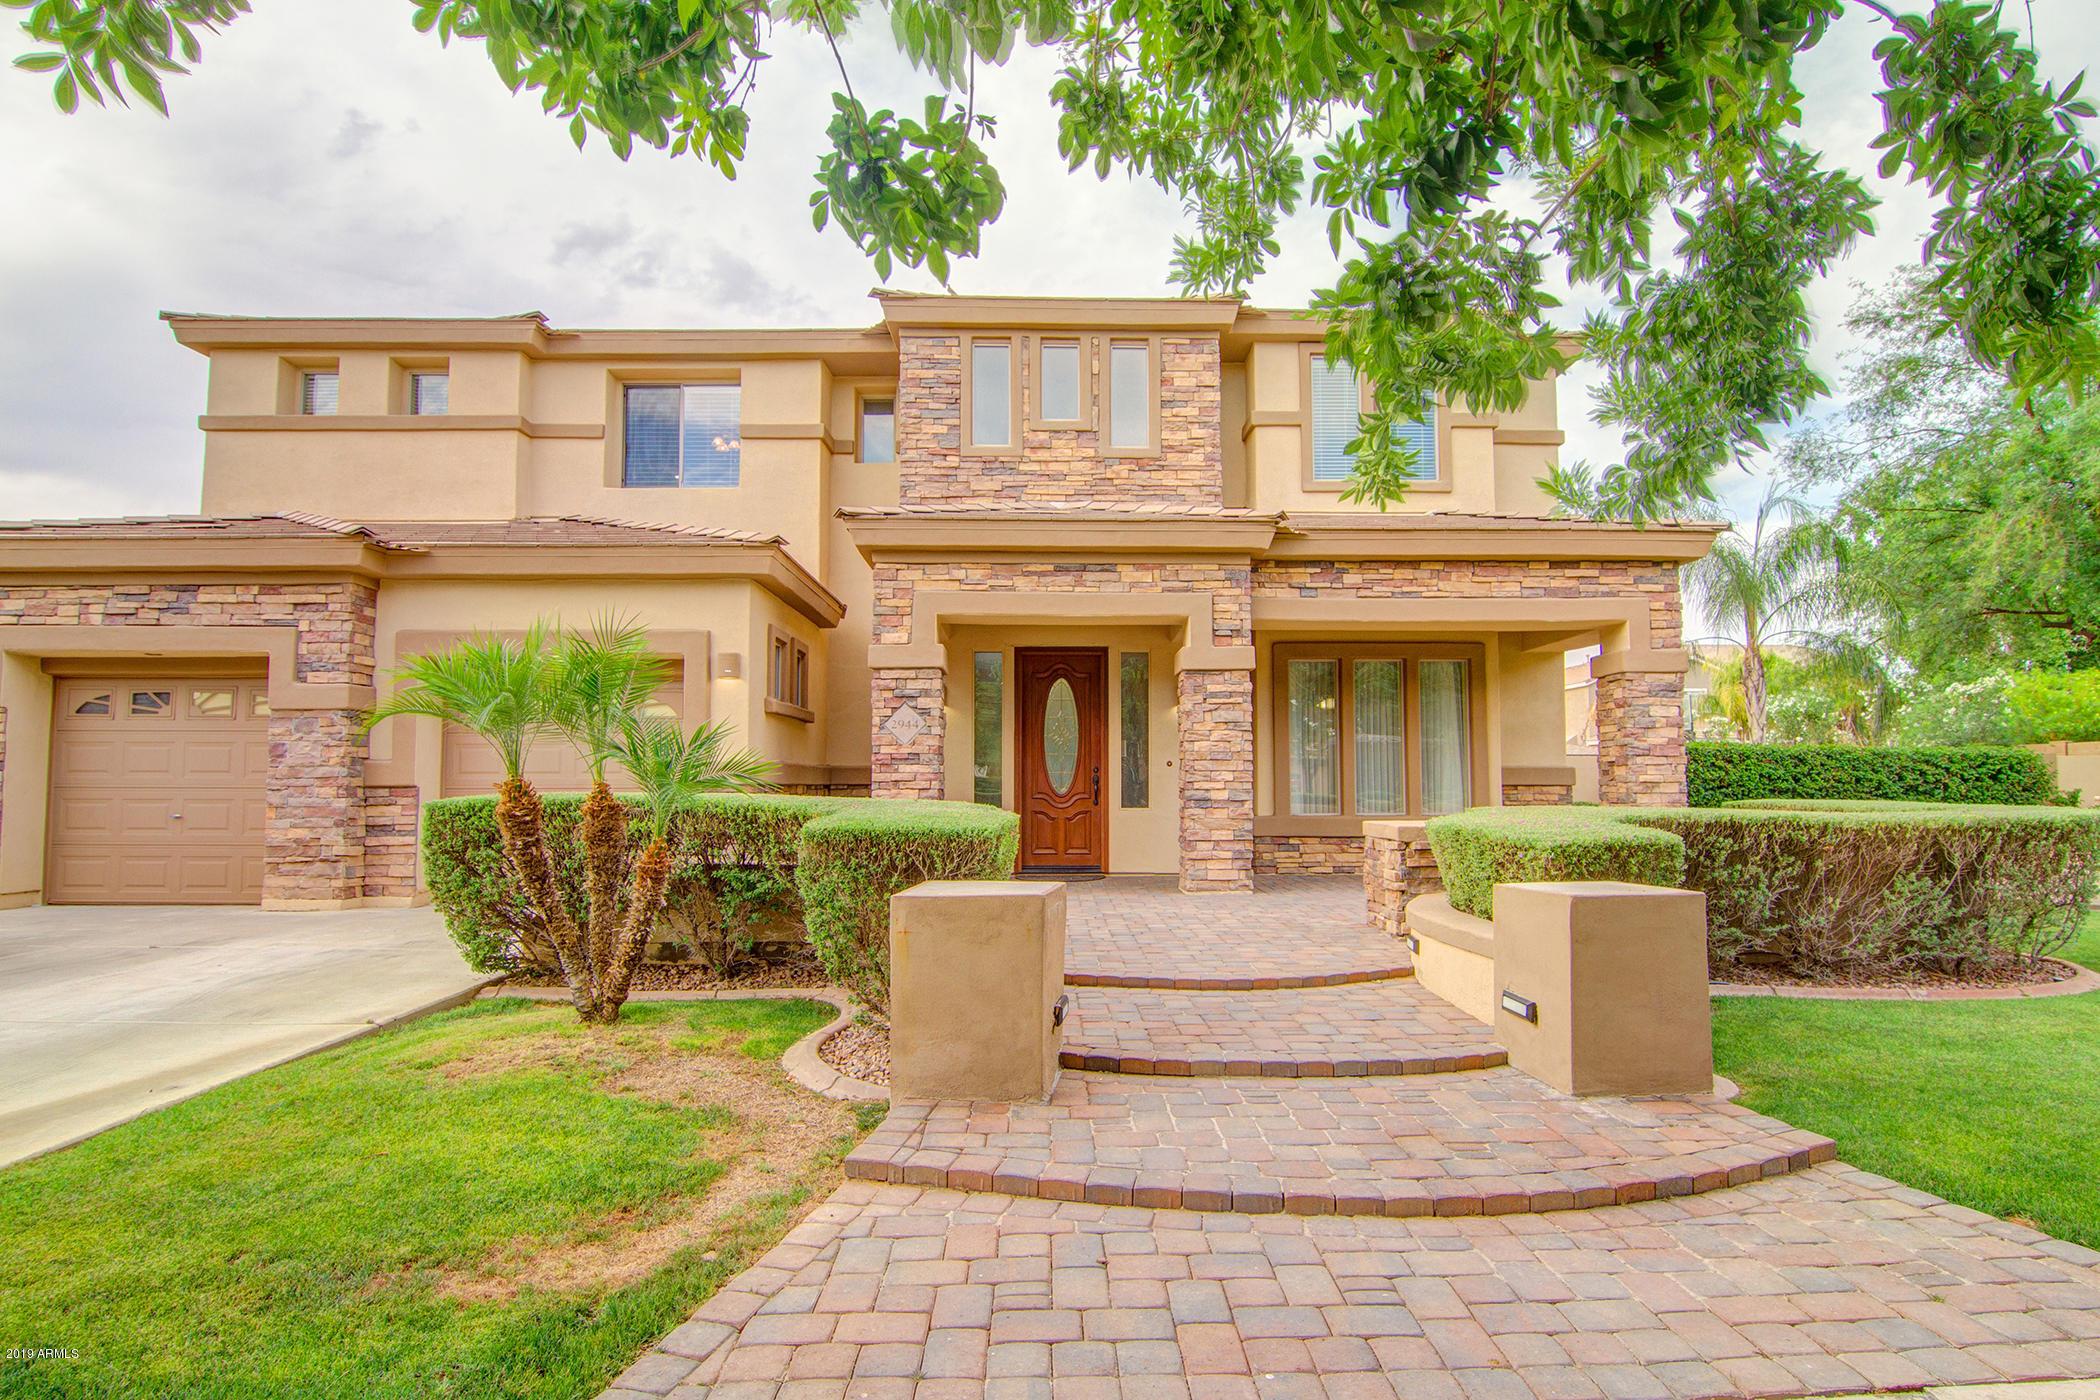 MLS 5952090 2944 E MORRISON RANCH Parkway, Gilbert, AZ 85296 Gilbert AZ Morrison Ranch